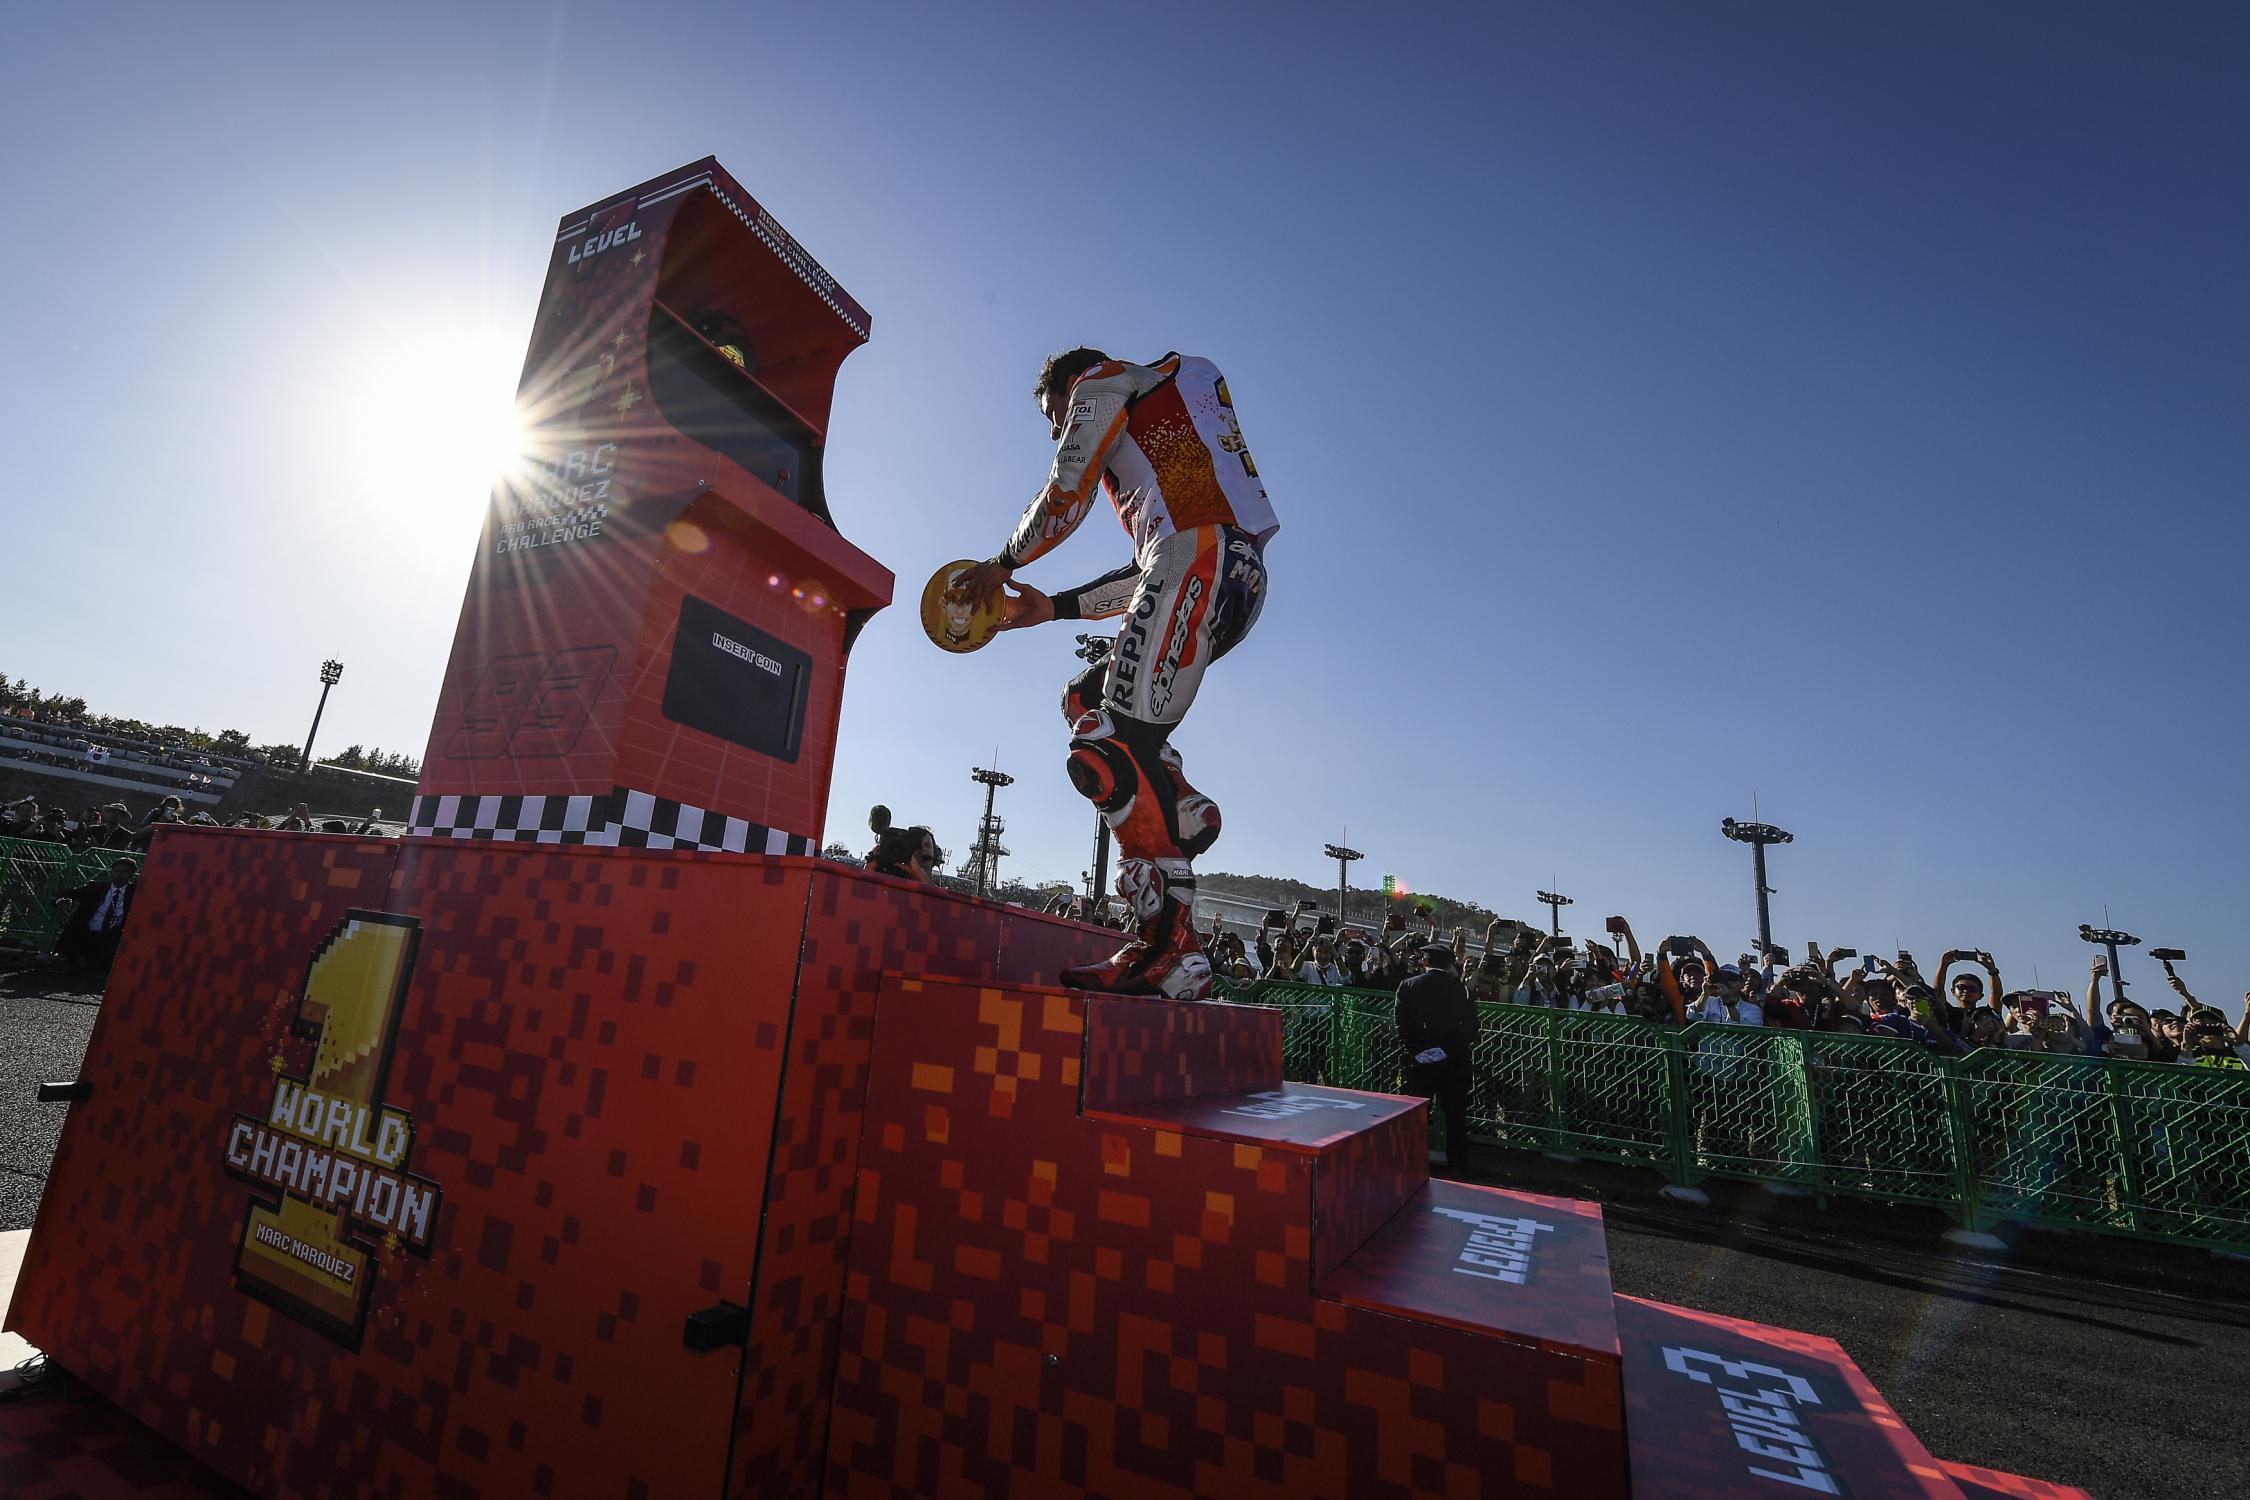 Le bar de la compétition moto ! - Page 38 _dsc6013.gallery_full_top_fullscreen